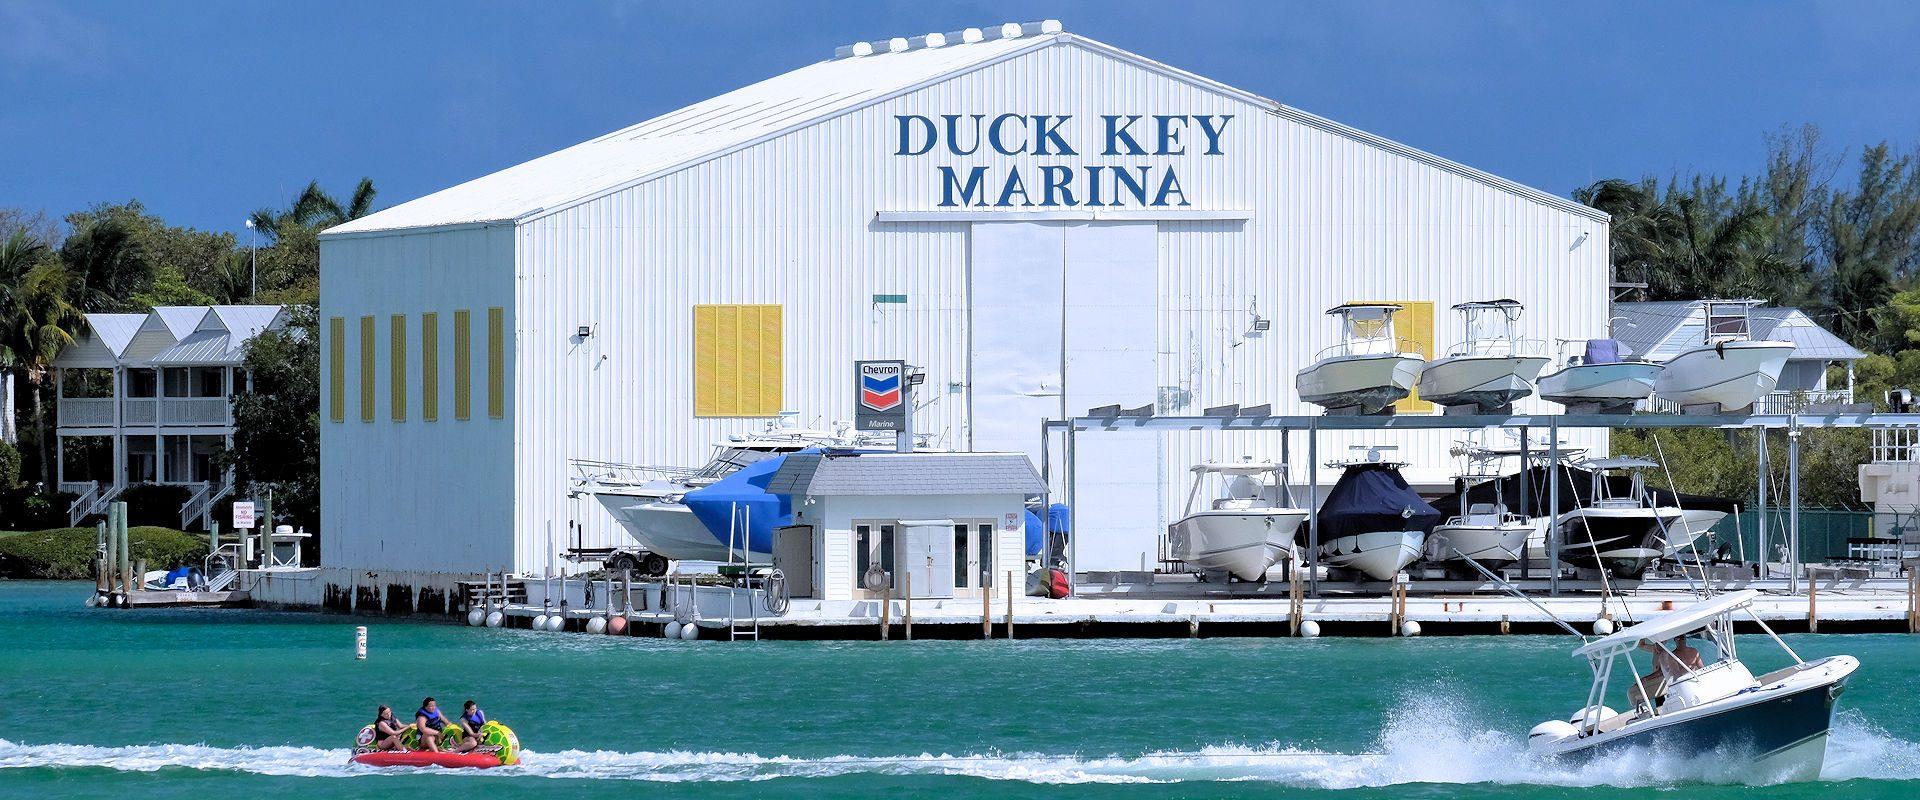 Marina - Duck Key Marina